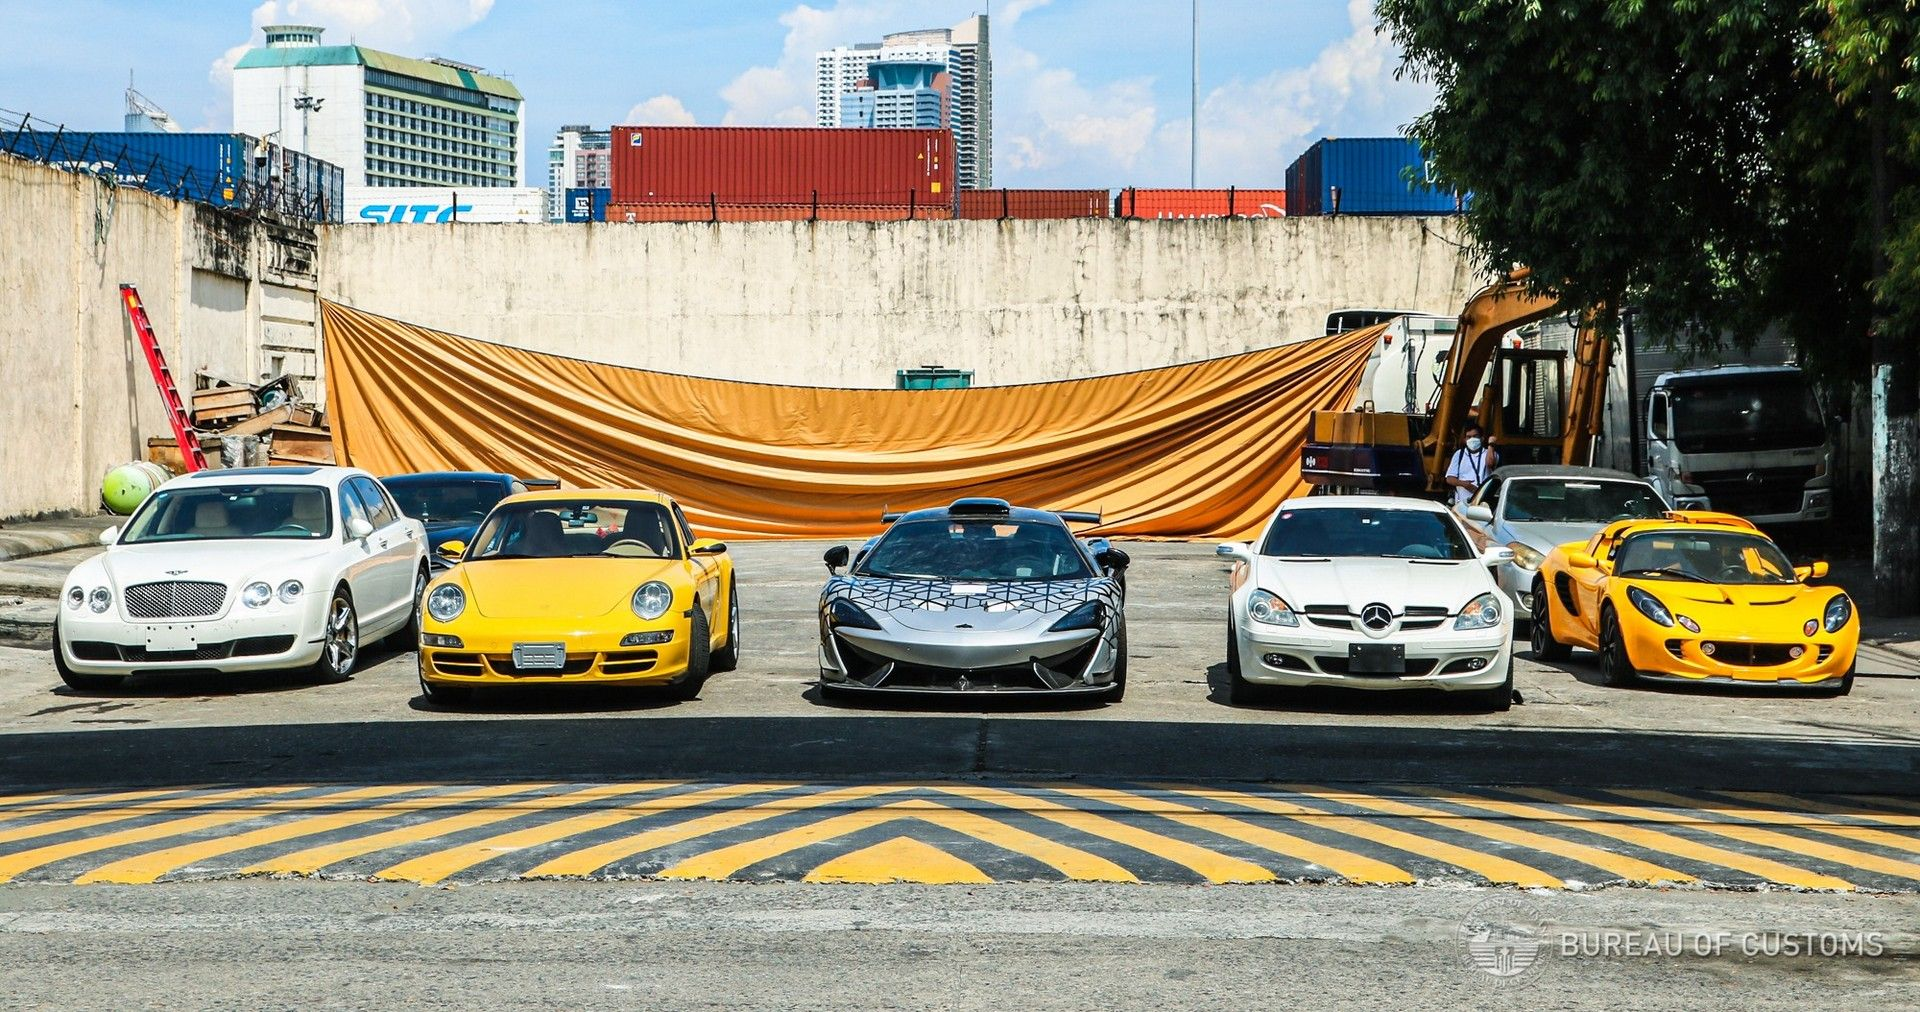 carros importados ilegalmente filipinas4